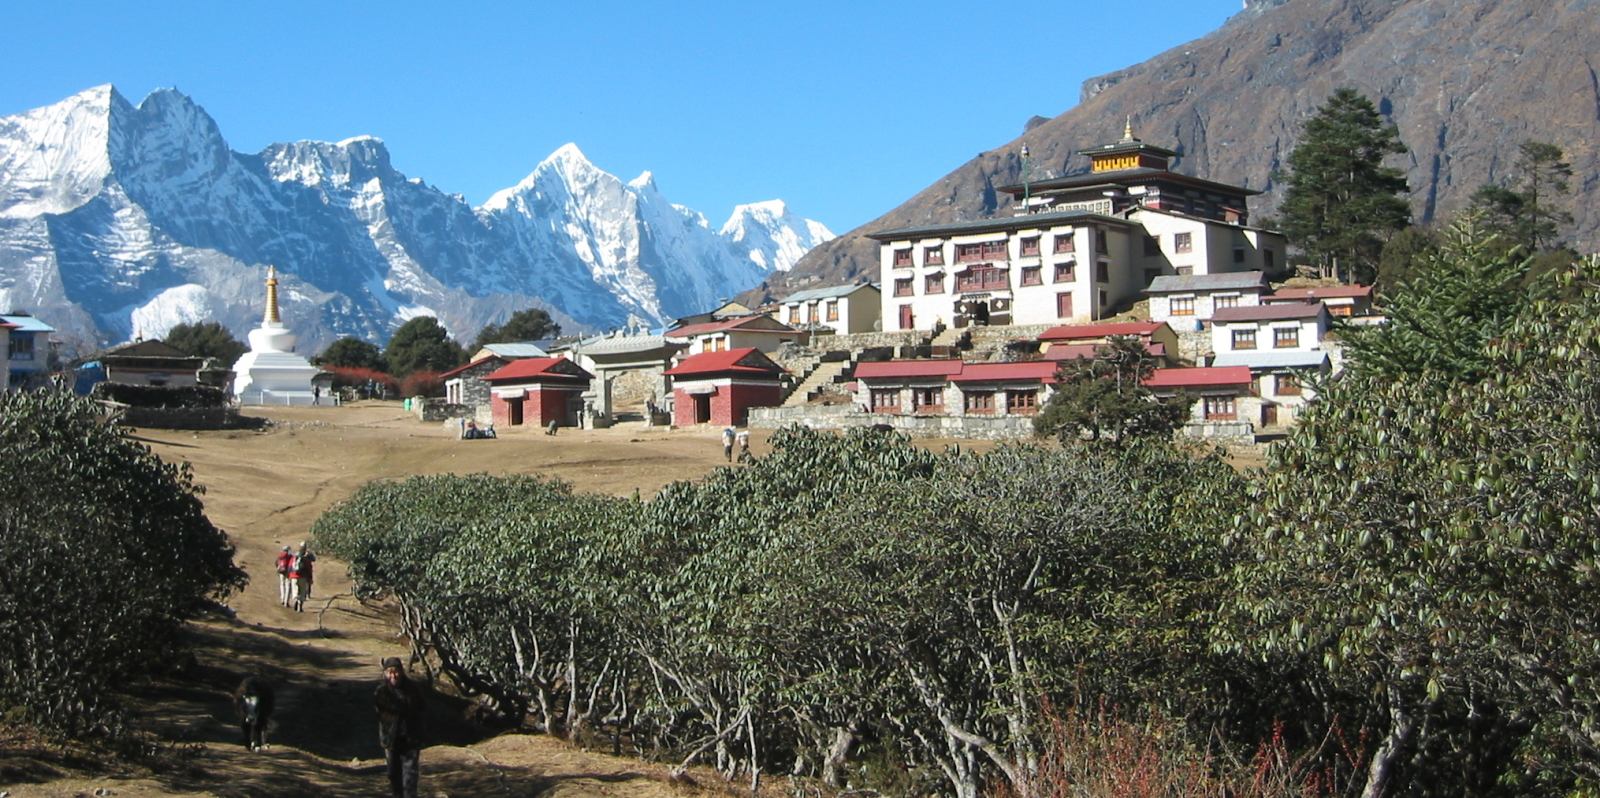 Tengboche-Monastery-Everest-base-camp-trek